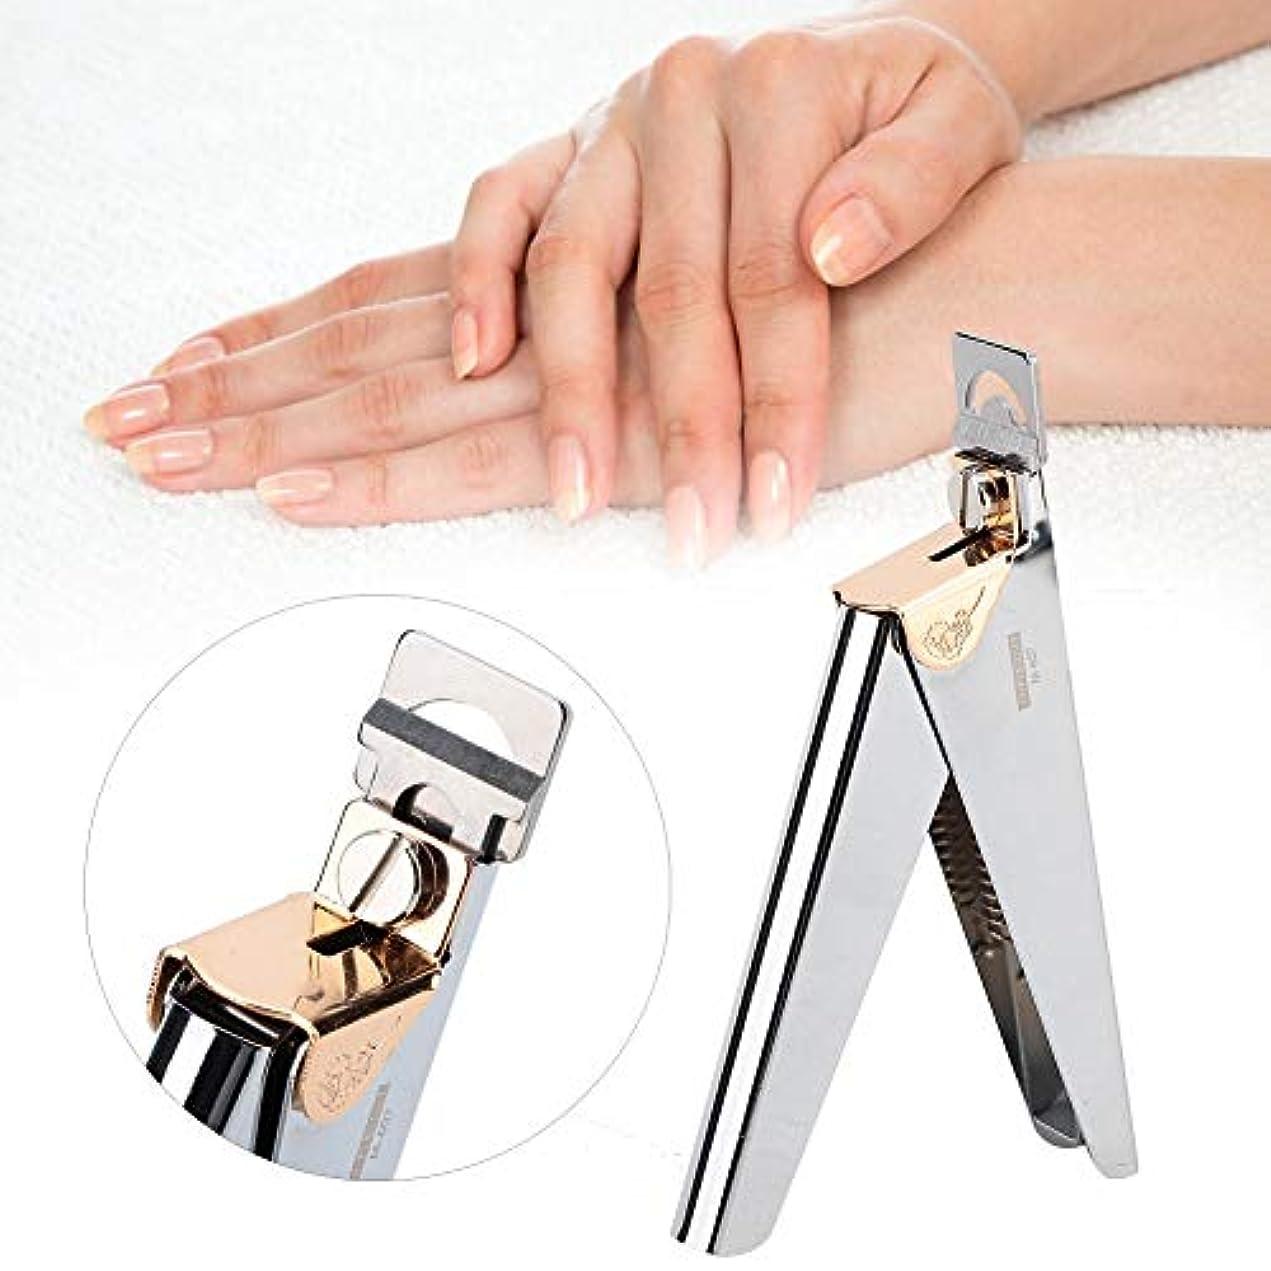 ランダムスカイきらめく指爪 爪ケア ネイルチップクリッパーカッター フランス式 プロ U字型ネイルアートクリッパーはさみ - マニキュア偽ネイルチップカッター - ステンレス鋼